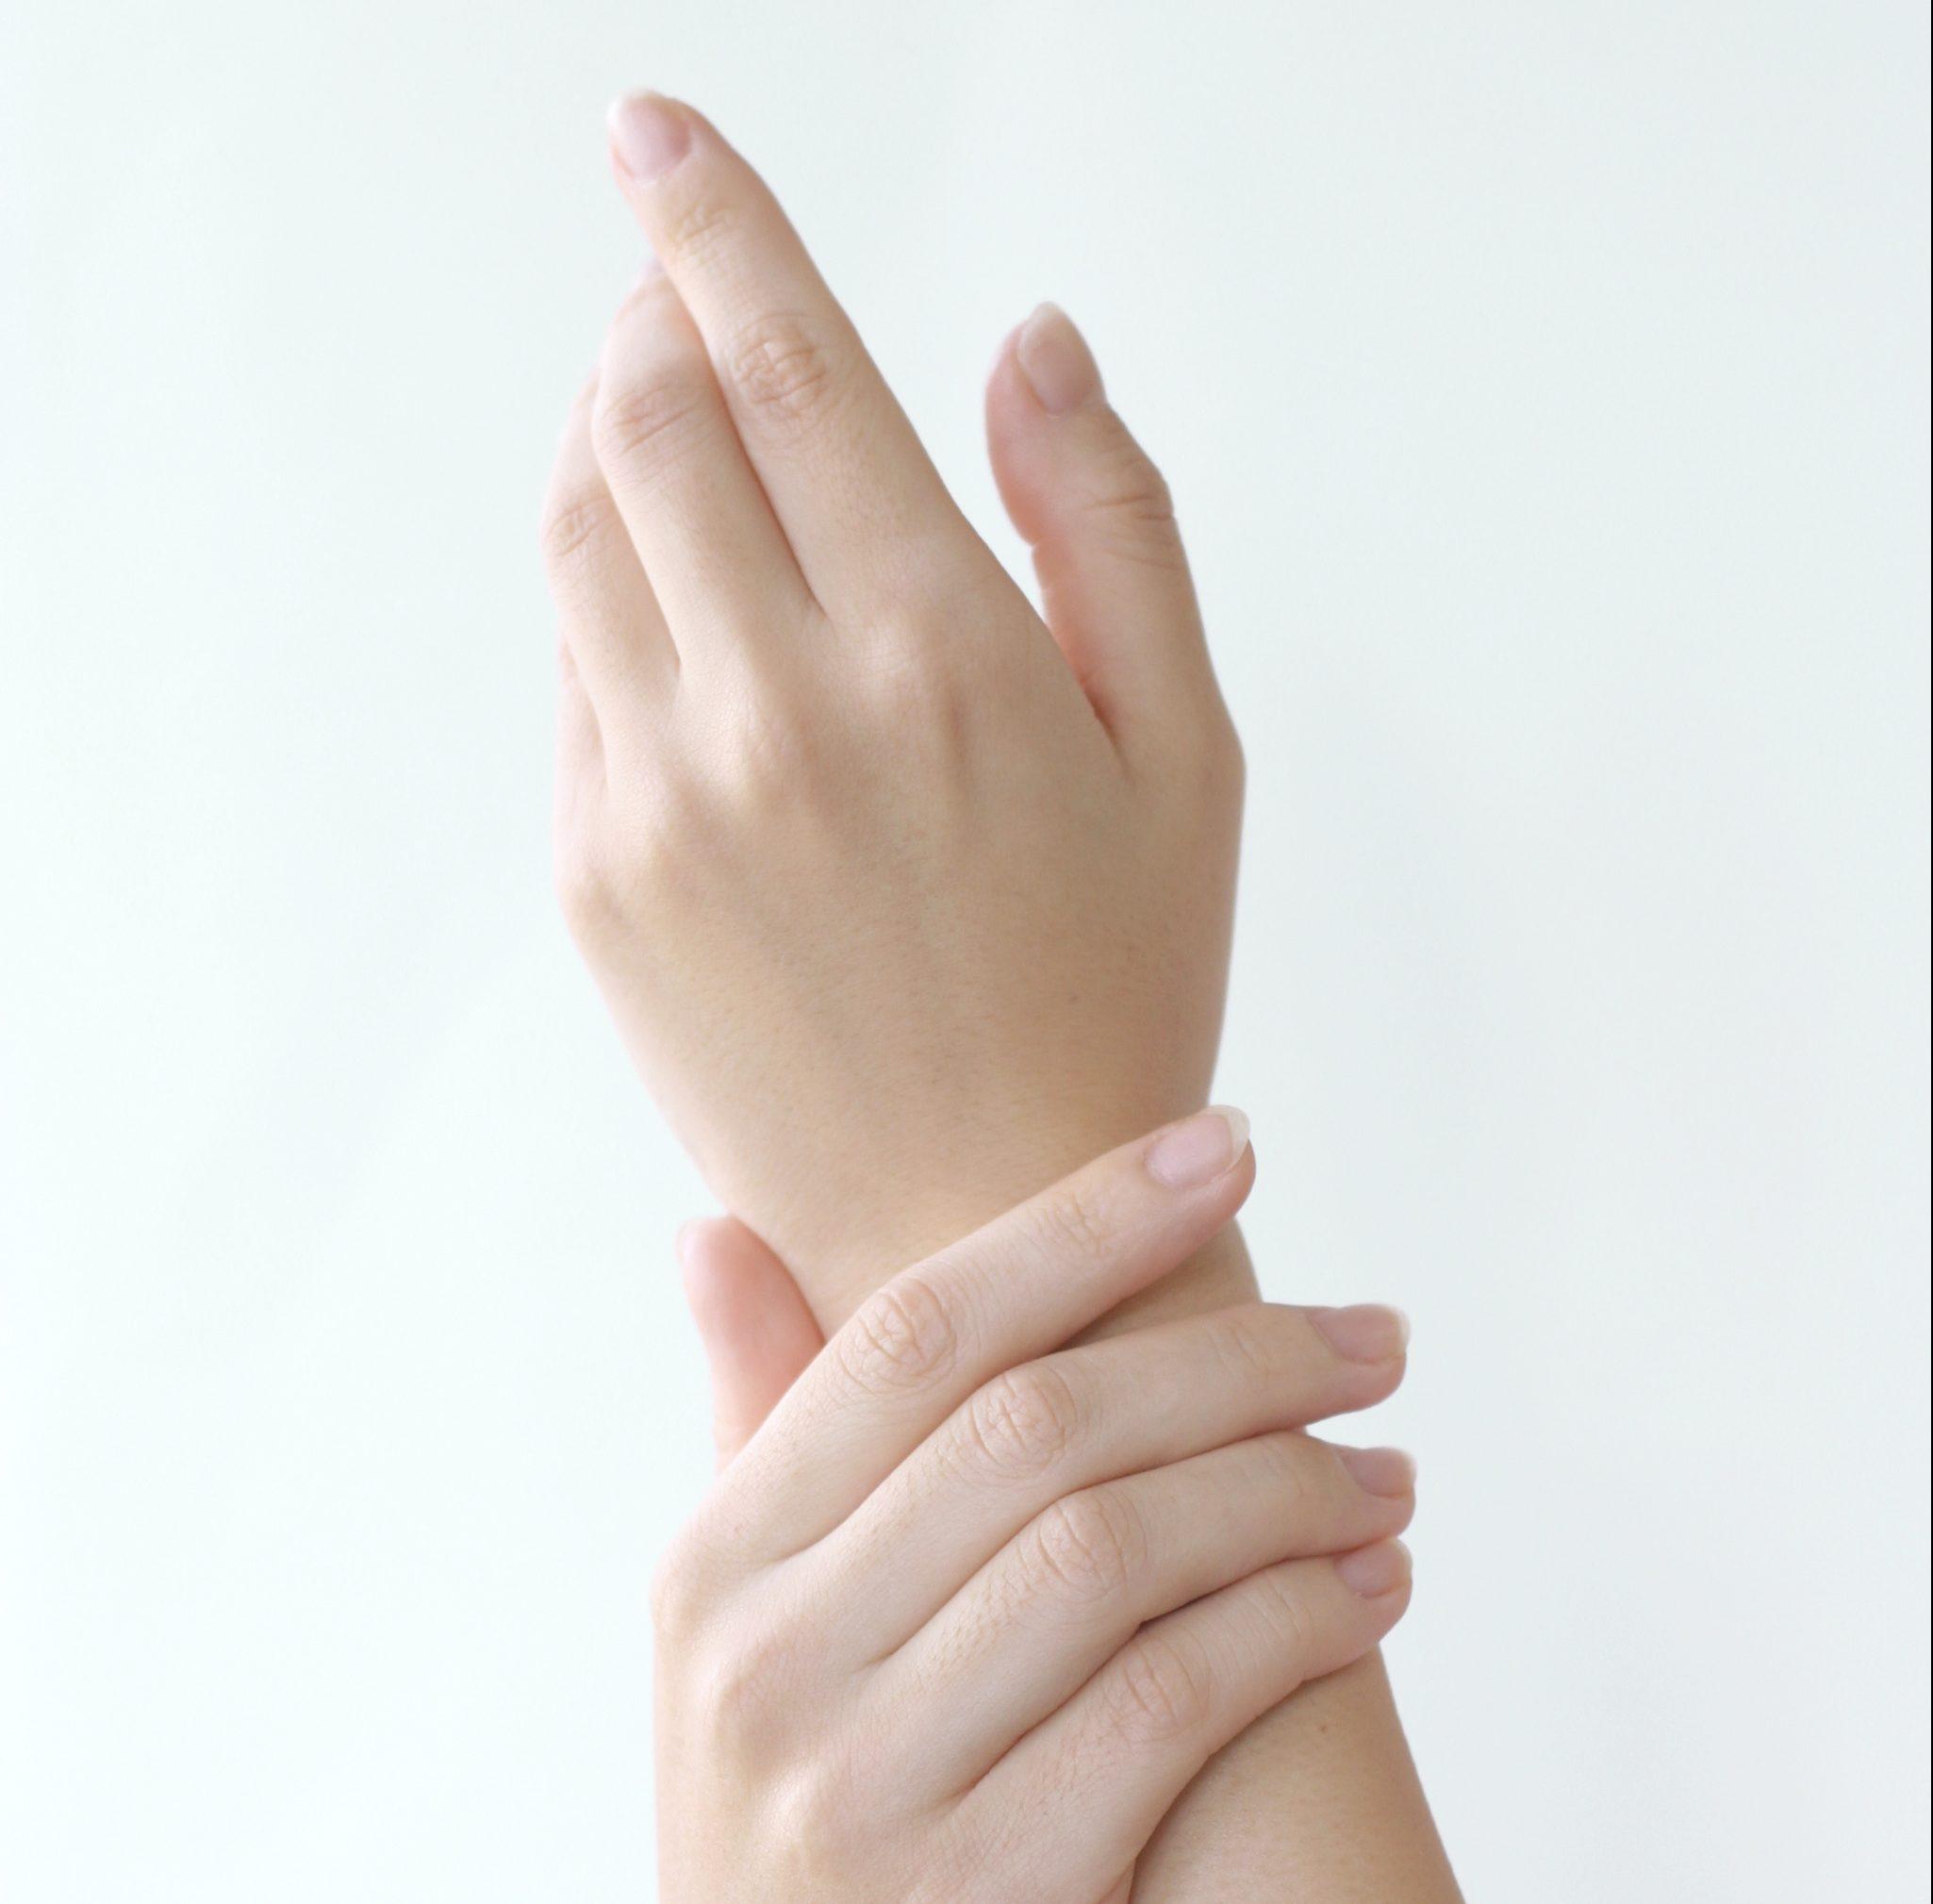 末端冷え性で手足が冷たいのに汗が出る!?冷えの危険性と3つ原因!